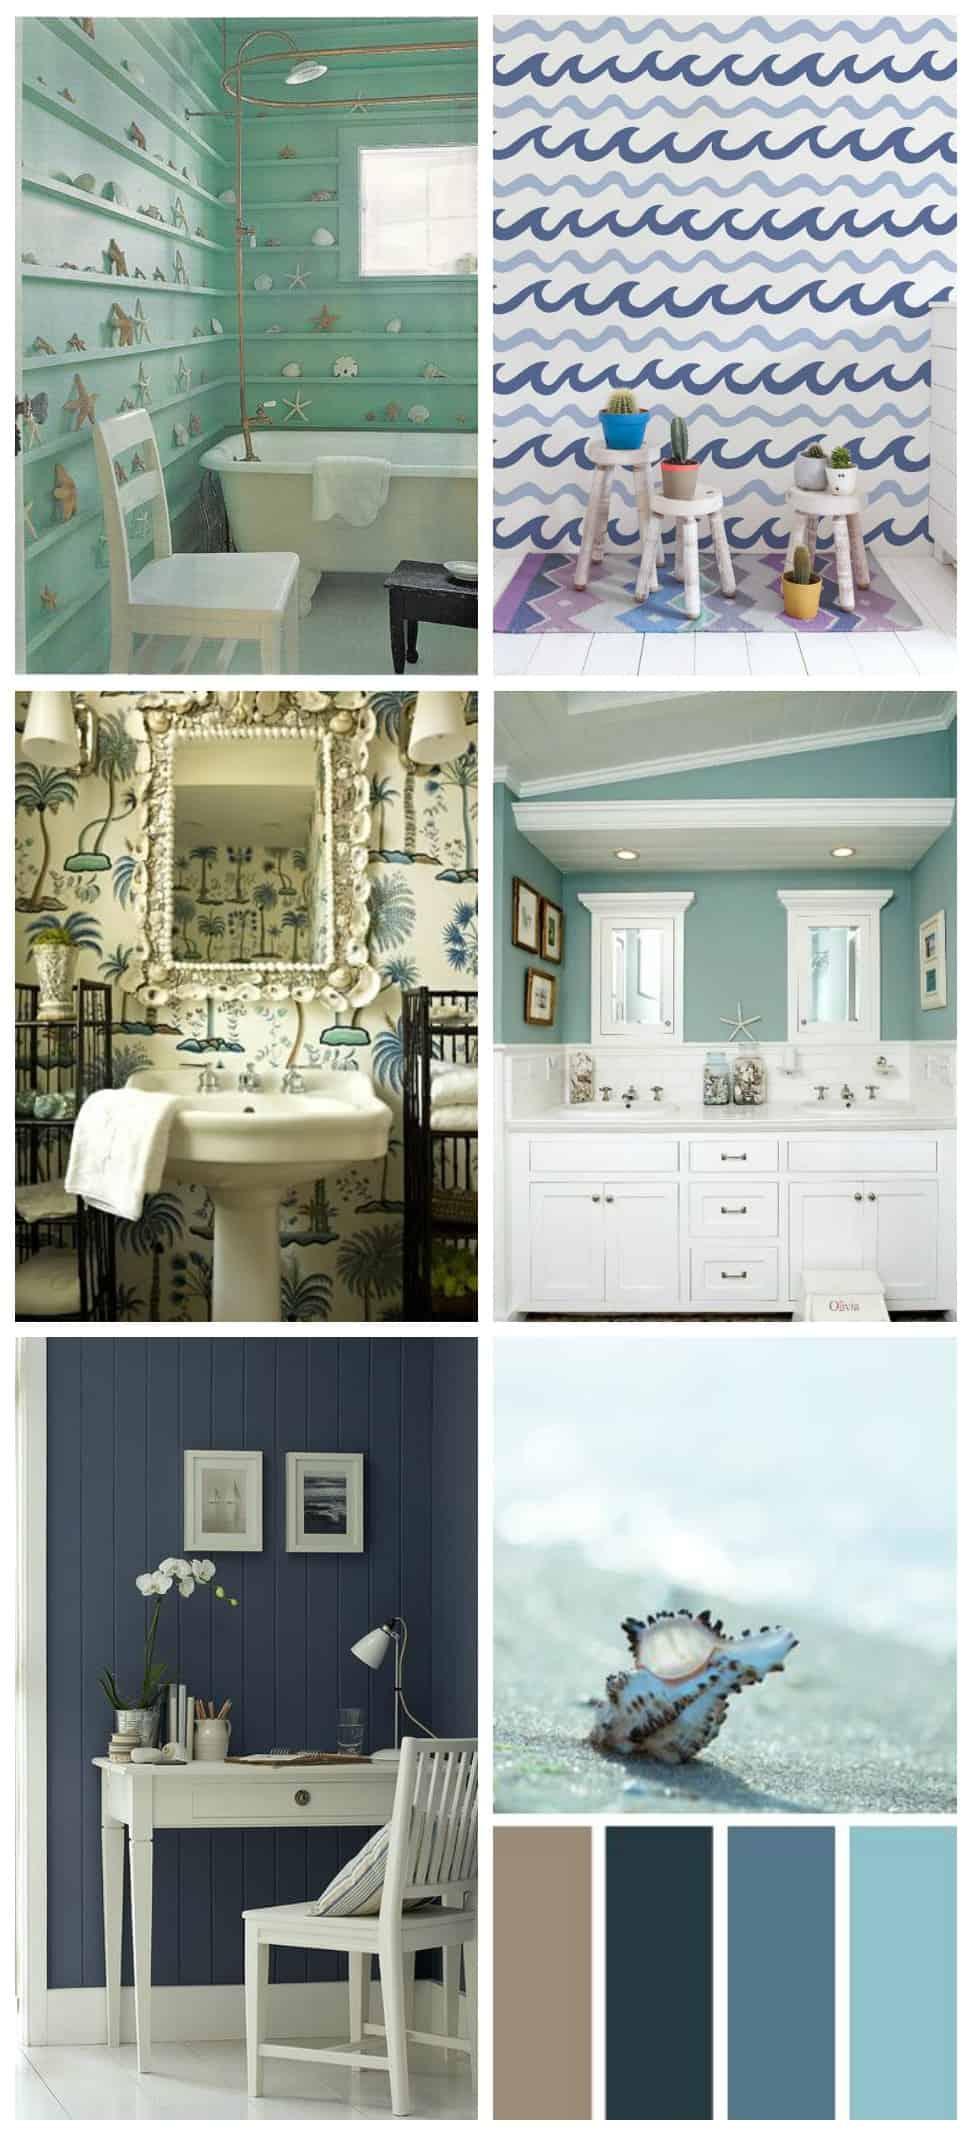 La casa al mare ispirazioni per arredare in stile nautico - Idee per dipingere casa ...